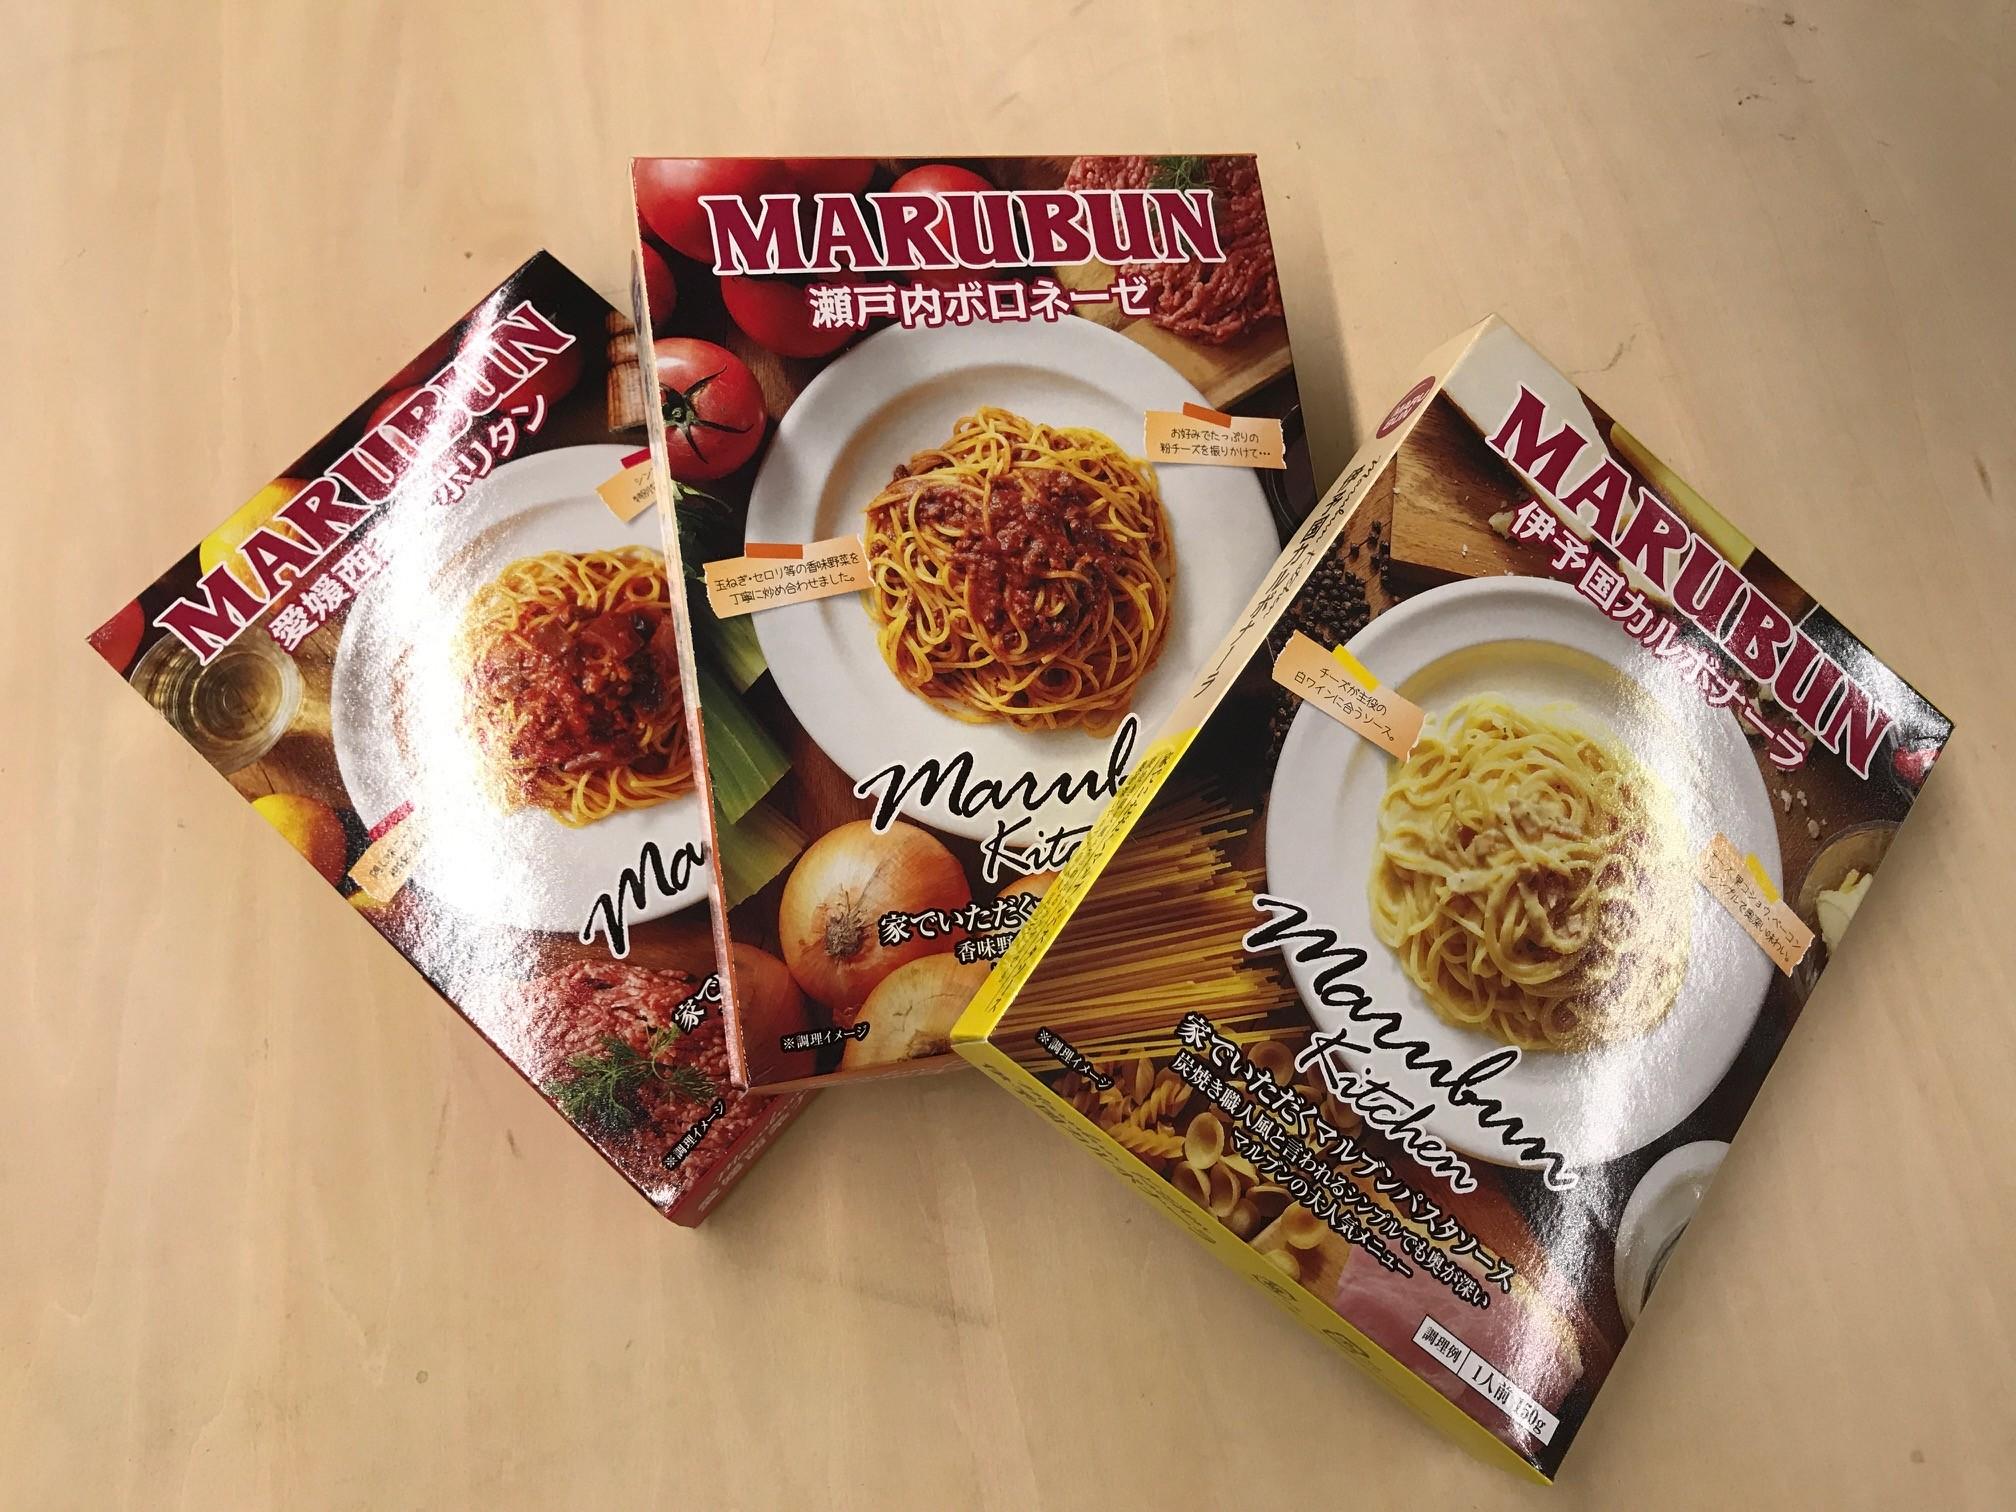 マルブン_「マルブン」パスタソース詰め合わせ3名様.jpg